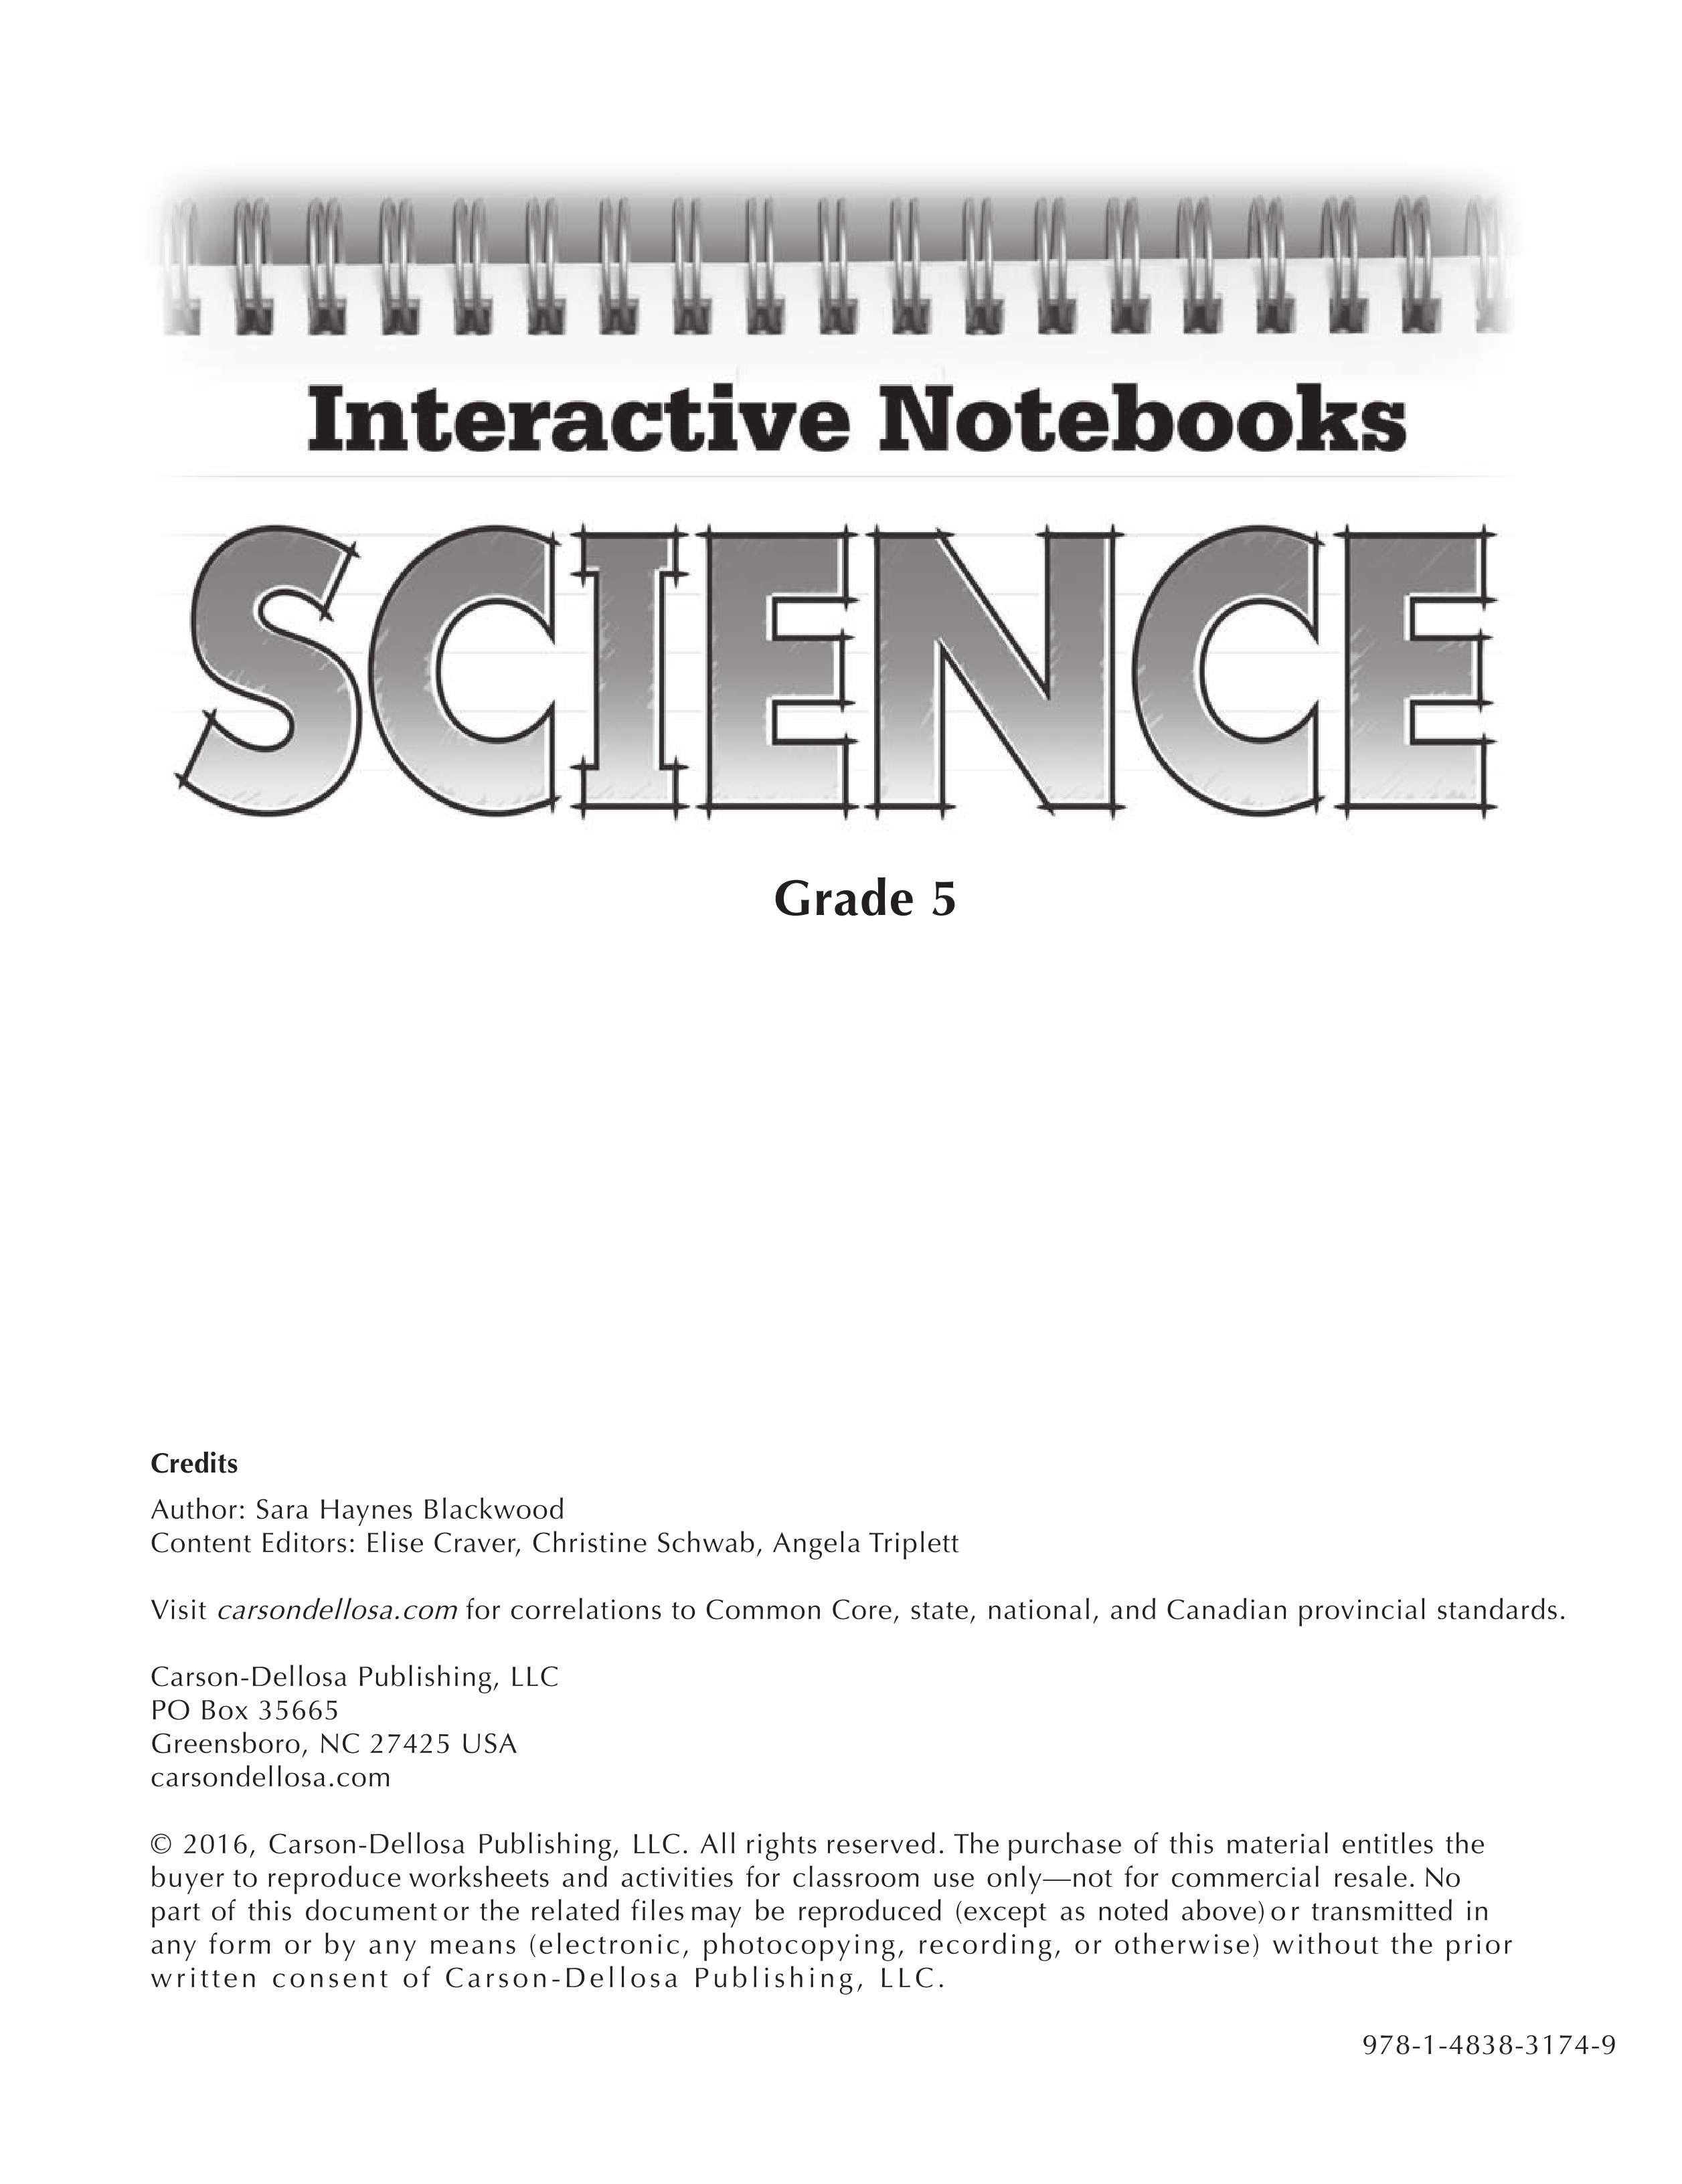 Carson Dellosa Publishing Science notebooks